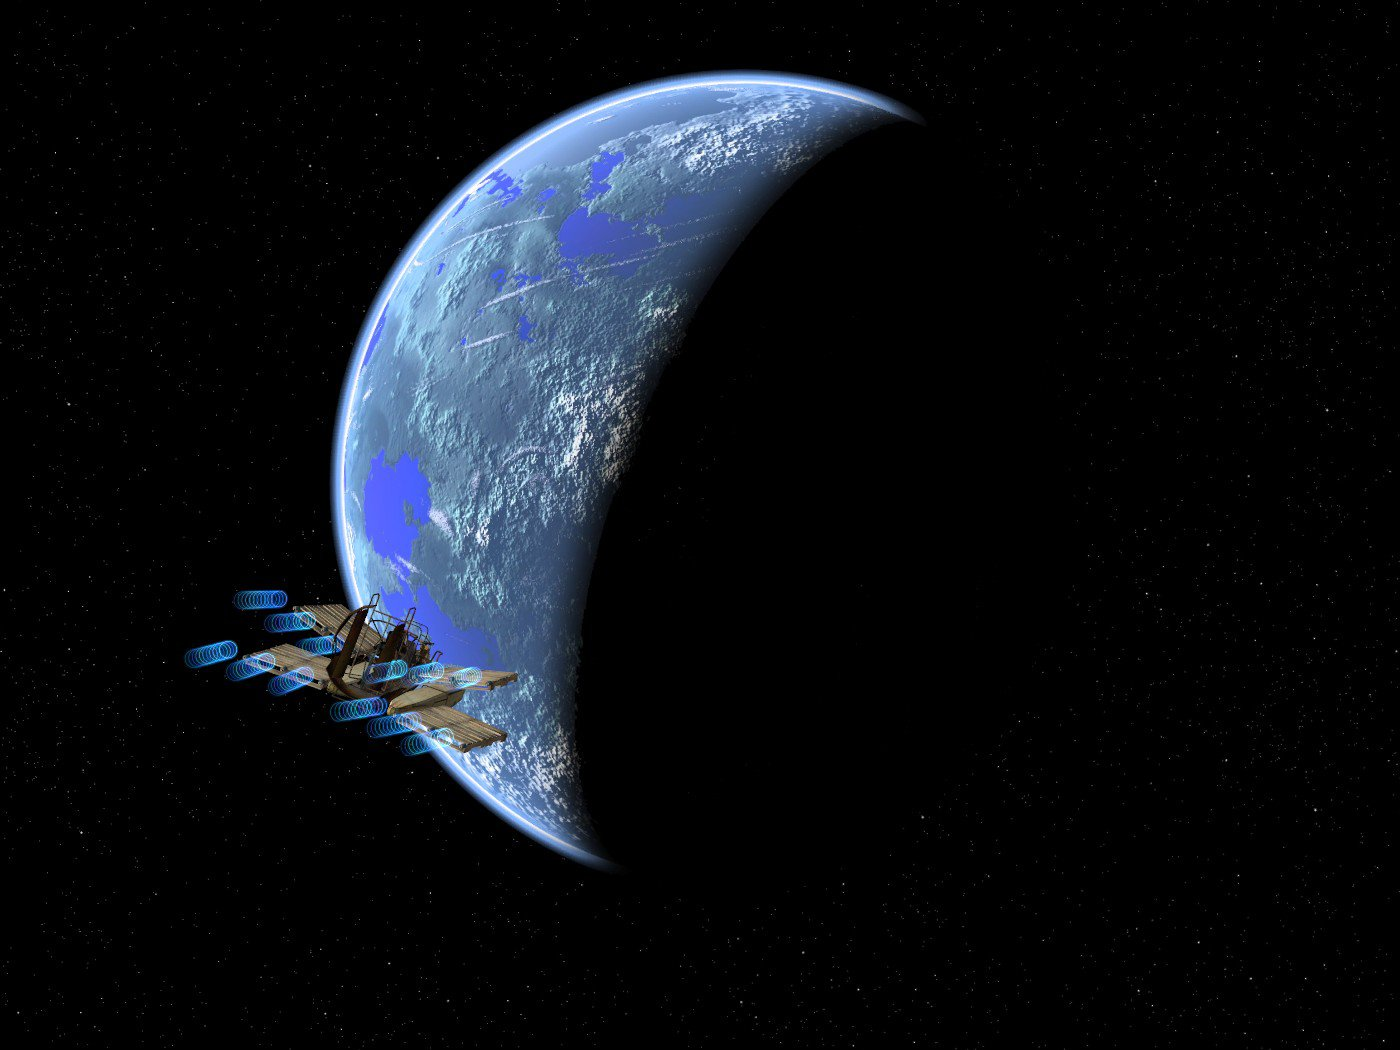 Garrys mod space wallpaper by Zim1112 on deviantART 1400x1050